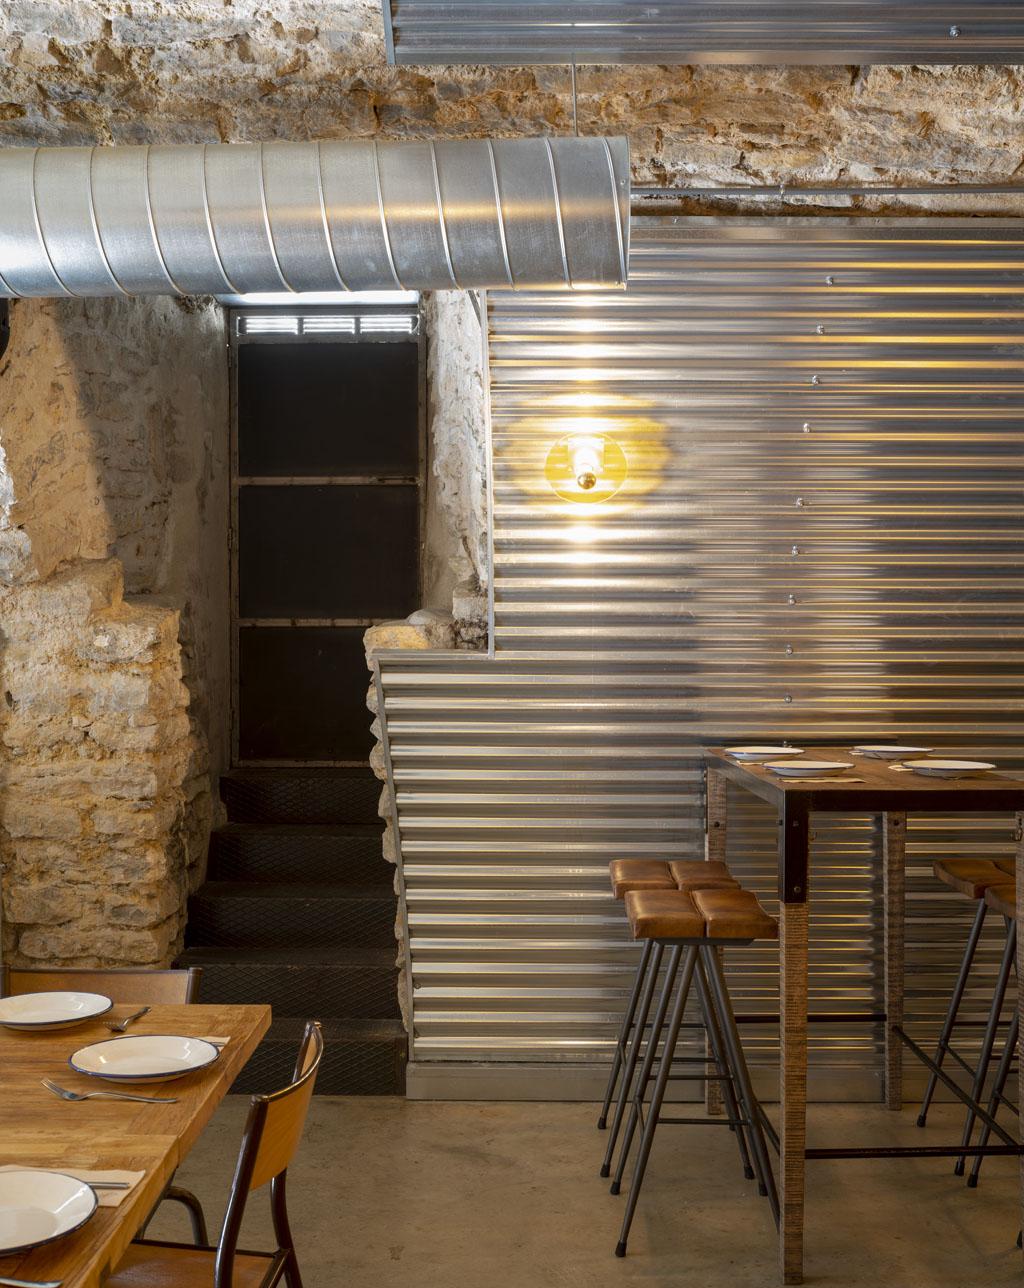 LE.BASQUE_web_019-Erlantz Biderbost fotografo de arquitectura e interiores